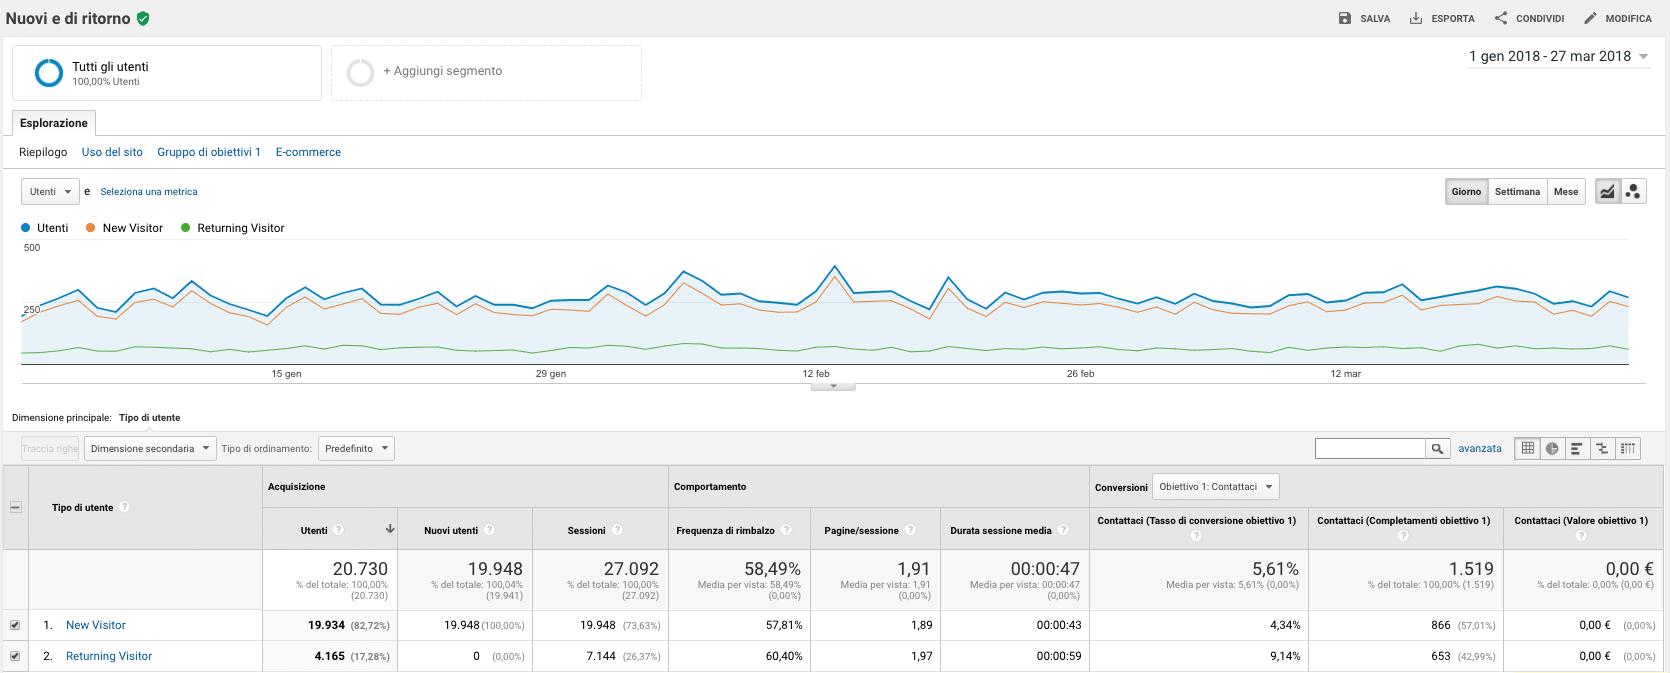 Utenti nuovi e di ritorno Google Analytics Rapporto Pubblico